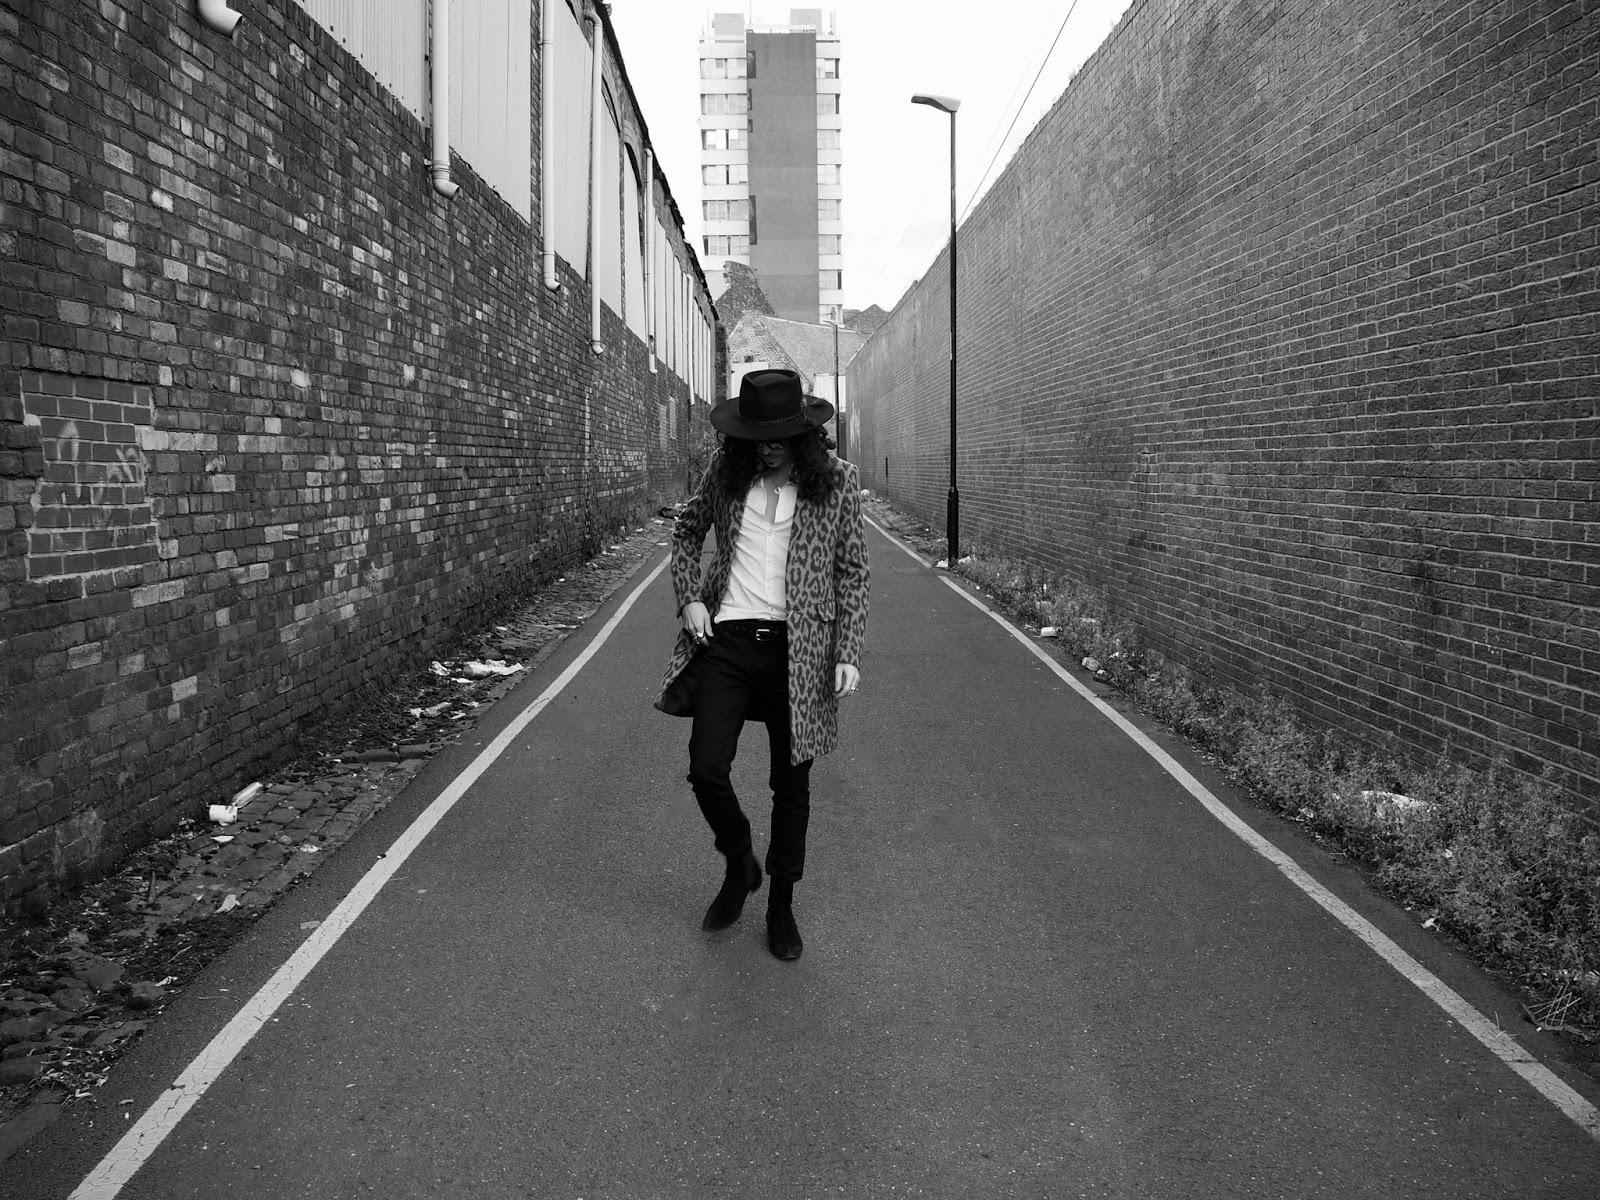 DROP DEAD COOL | The Unidentified Rocker